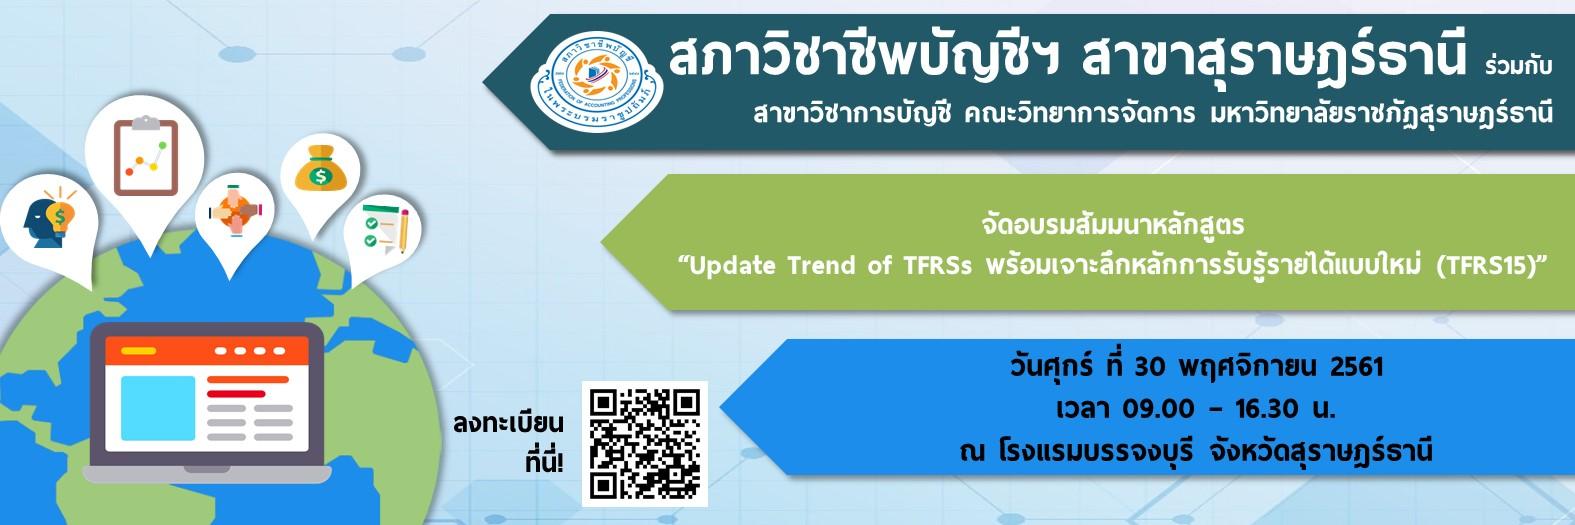 """สัมมนาหลักสูตร """"Update Trend of TFRSs พร้อมเจาะลึกหลักการรับรู้รายได้แบบใหม่ (TFRS15)"""""""